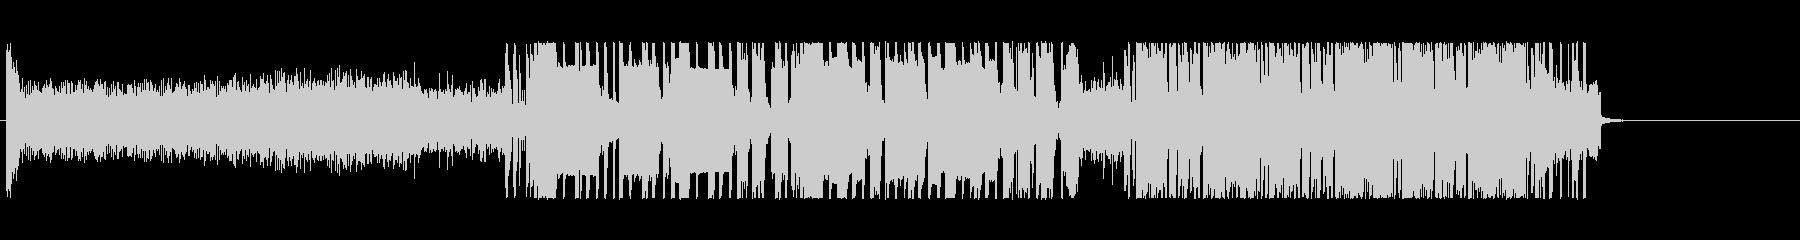 暗くて重たいドラムンベースの未再生の波形